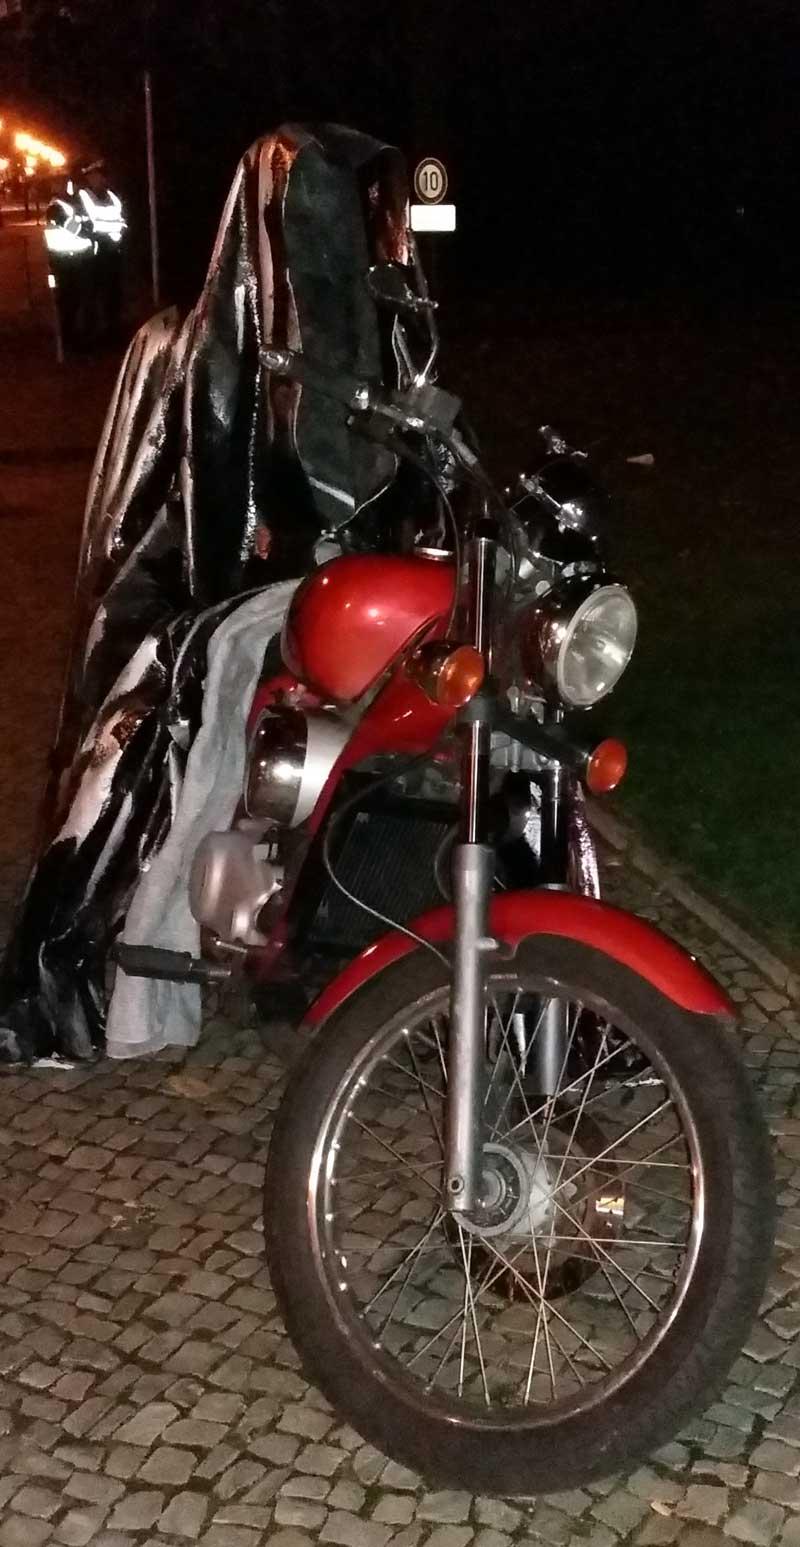 Lichterfest in Berlin - Schloss Bellevue - Ein Wächter auf einem Motorrad